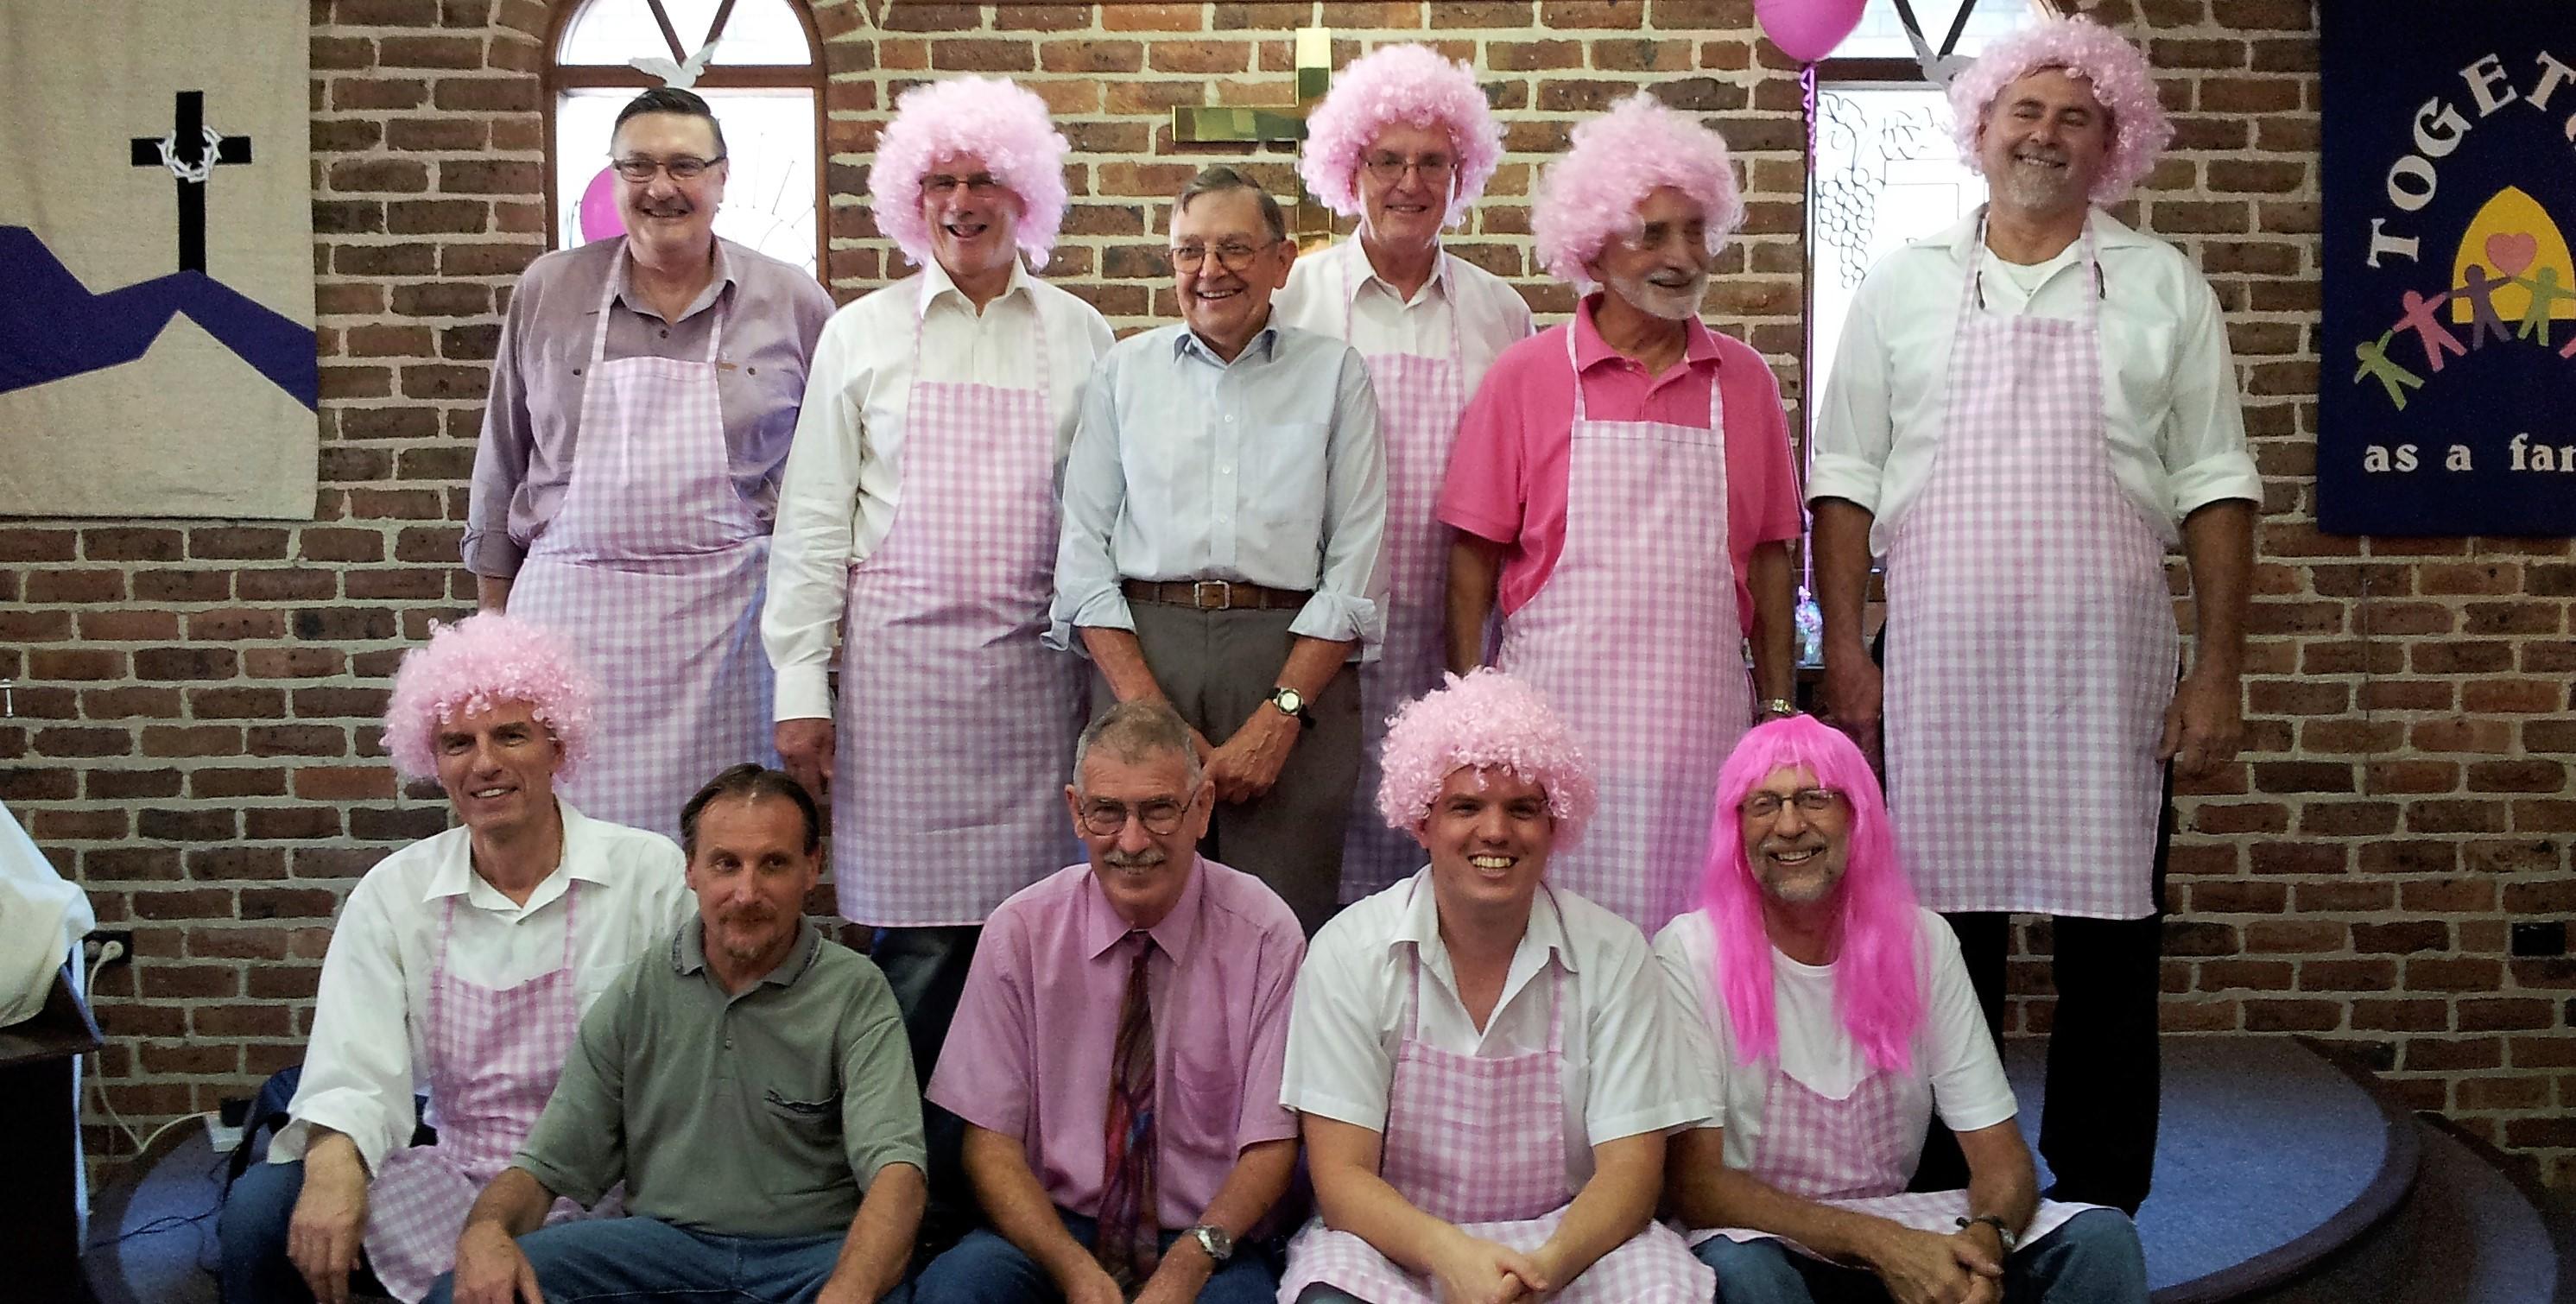 Breast cancer fund raiser